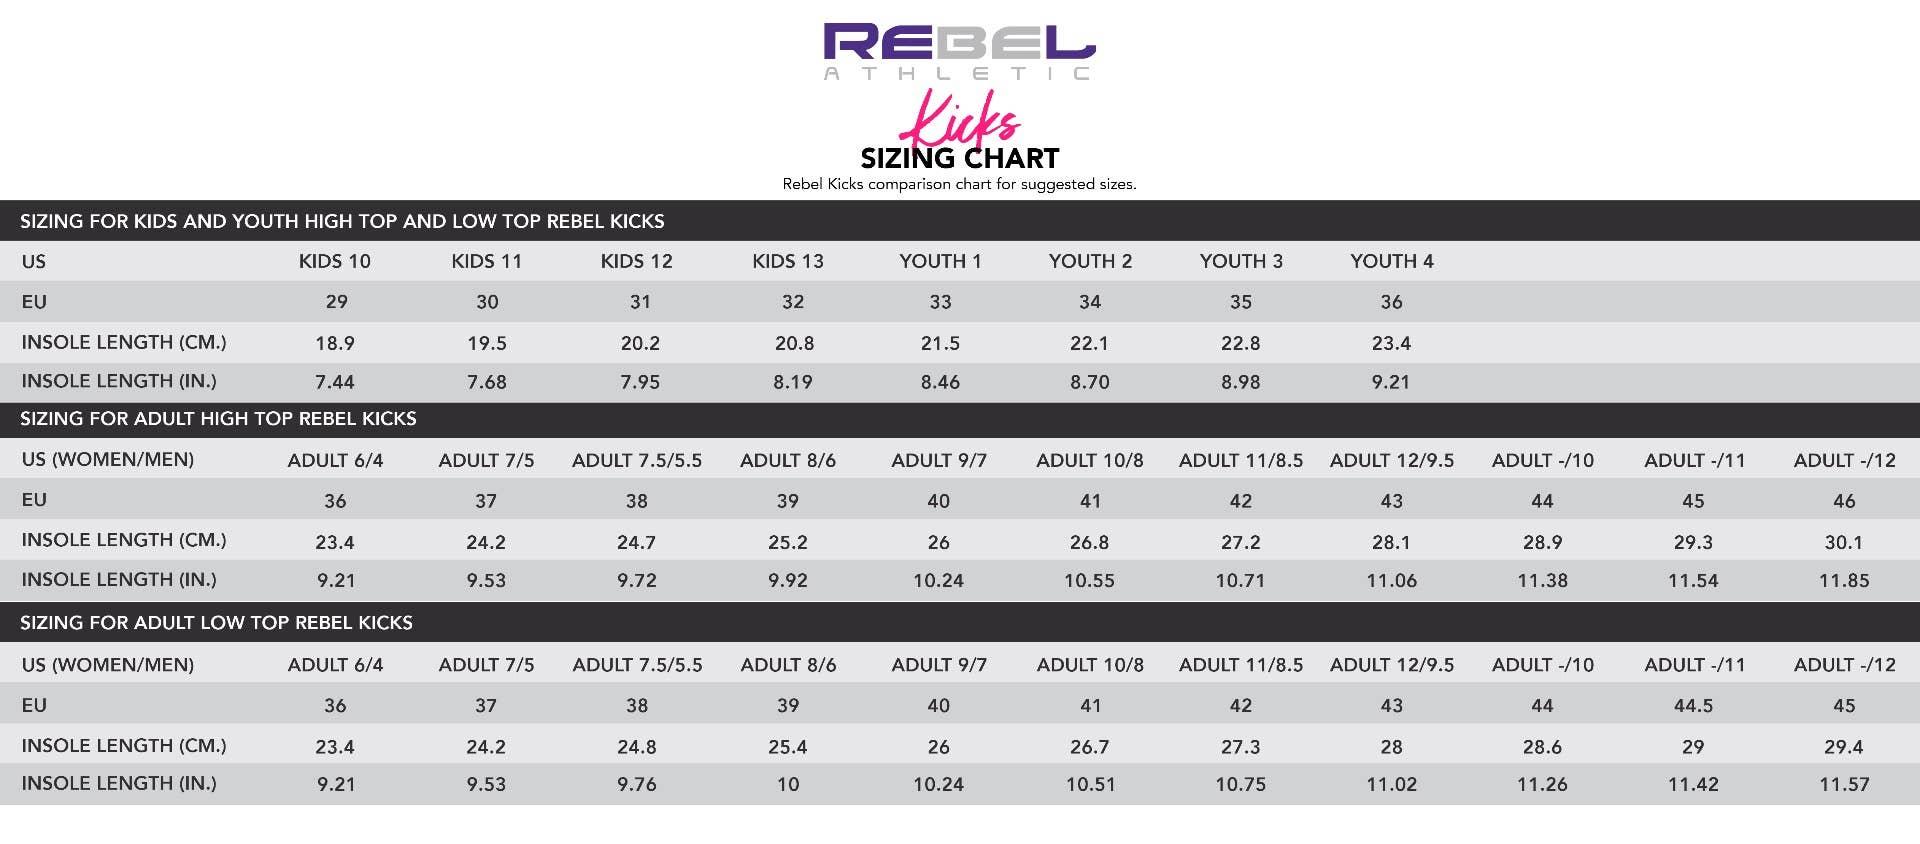 Rebel Kicks Size Chart